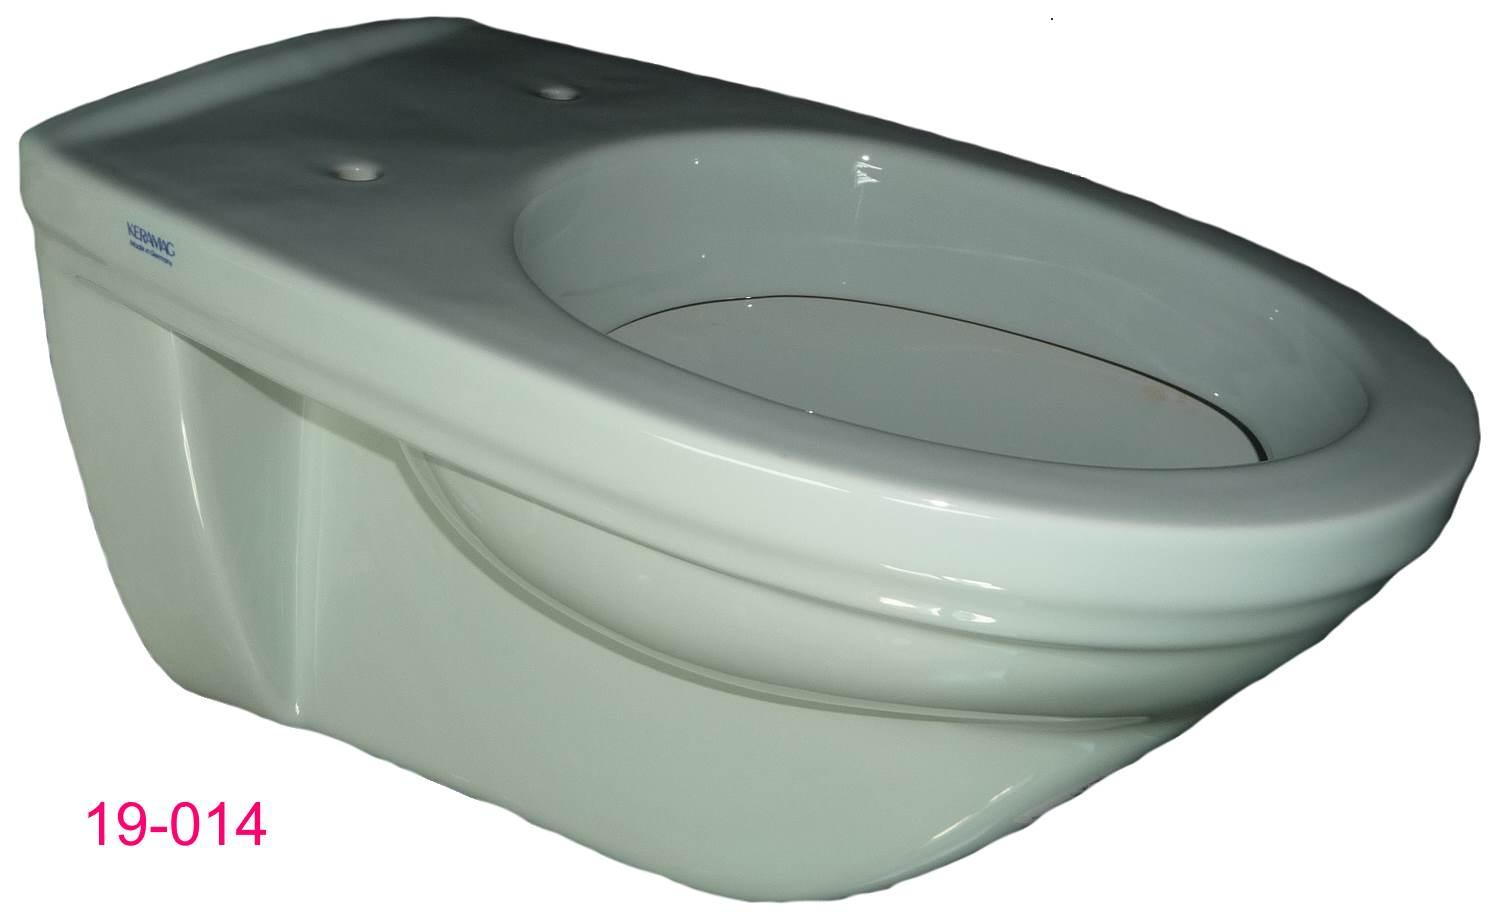 ägäis Wand-Flachspül-WC Keramag FELINO Seitenansicht 2